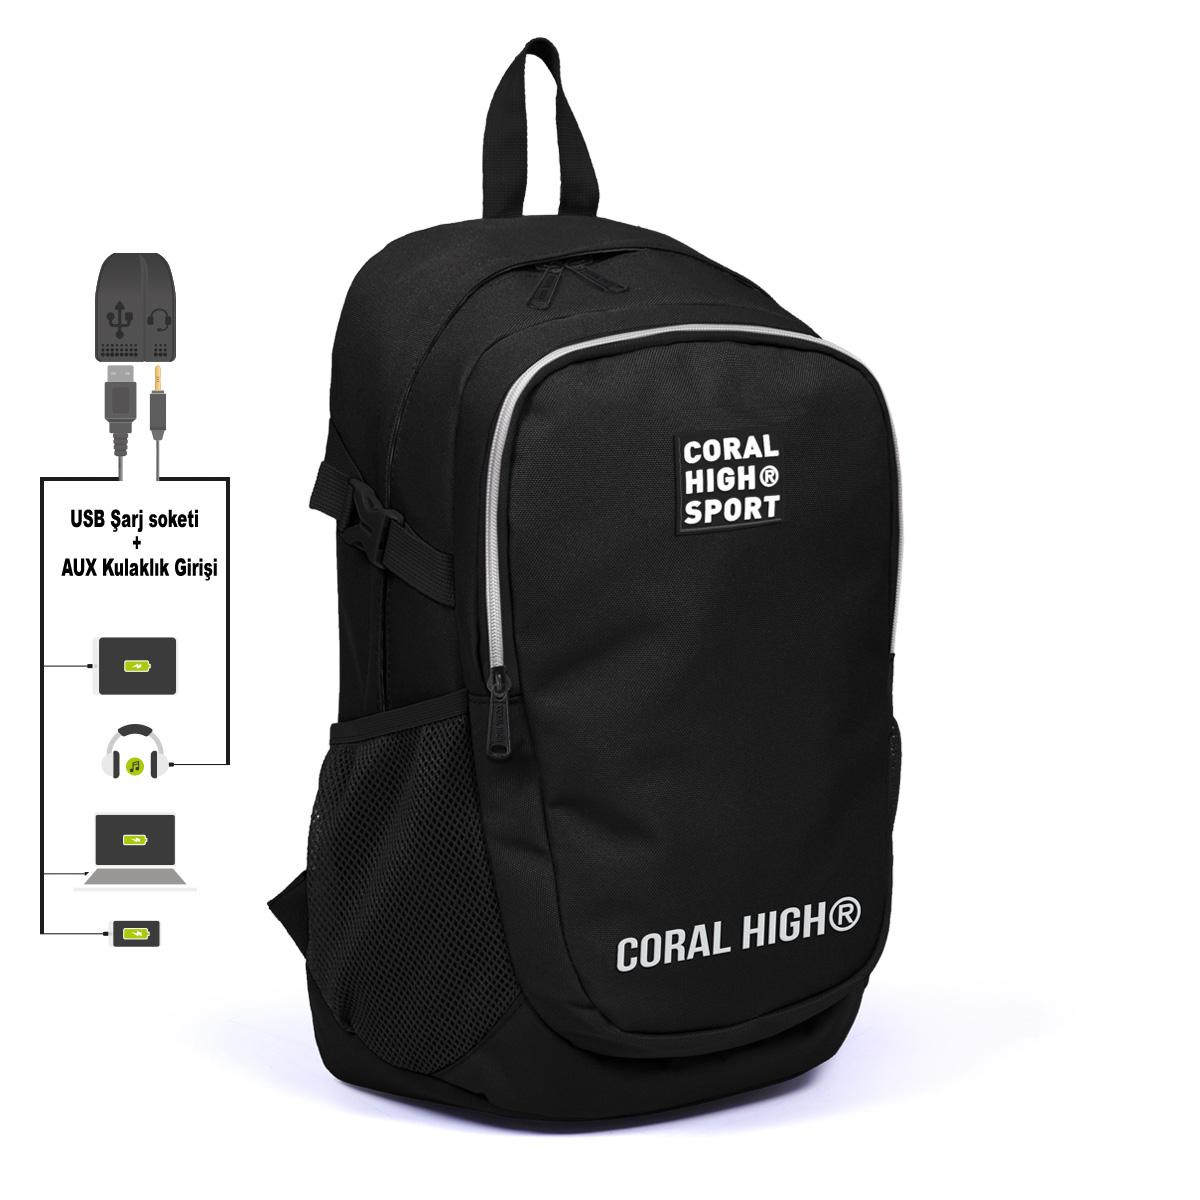 Coral High Sport - Coral High Sport Siyah İki Bölmeli Kilit Tokalı USB Şarjlı Kulaklık Çıkışlı Sırt Çantası